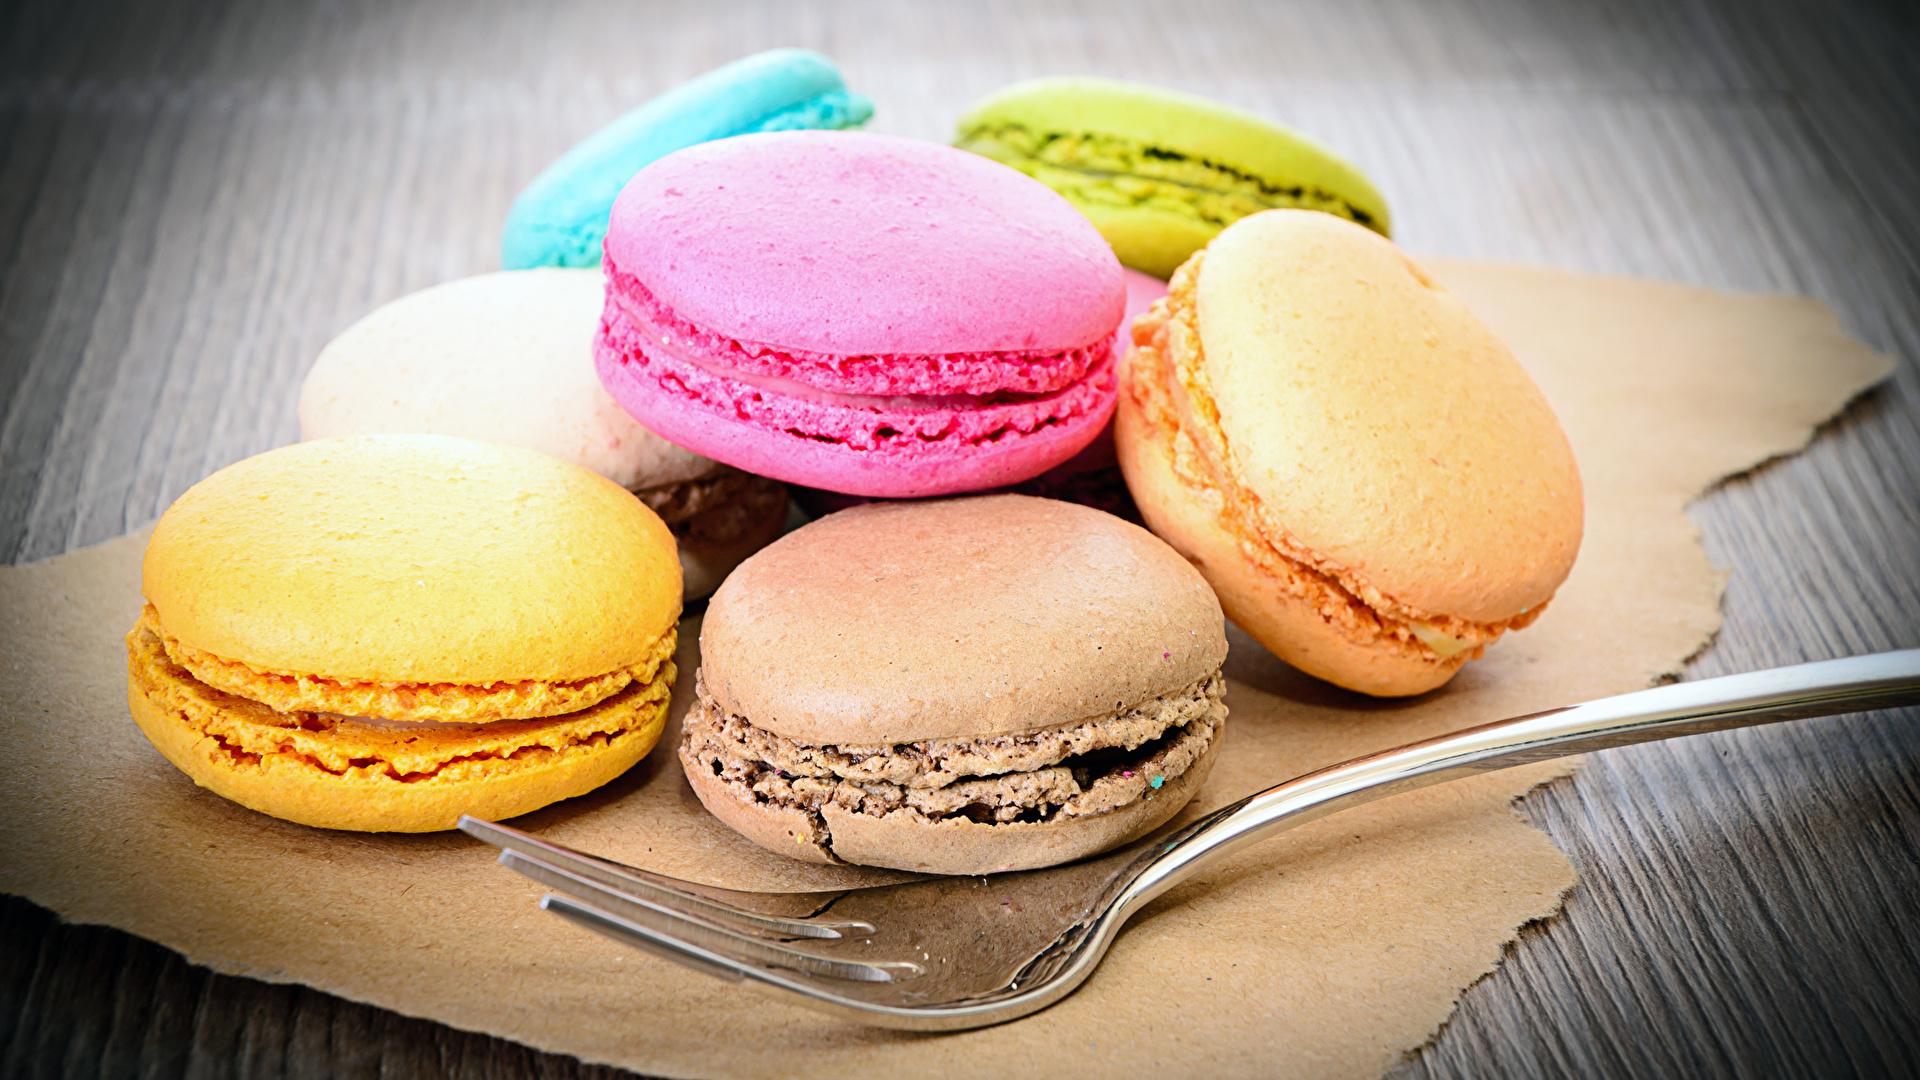 Картинки Макарон Еда вилки Печенье Сладости 1920x1080 Пища Вилка столовая Продукты питания сладкая еда